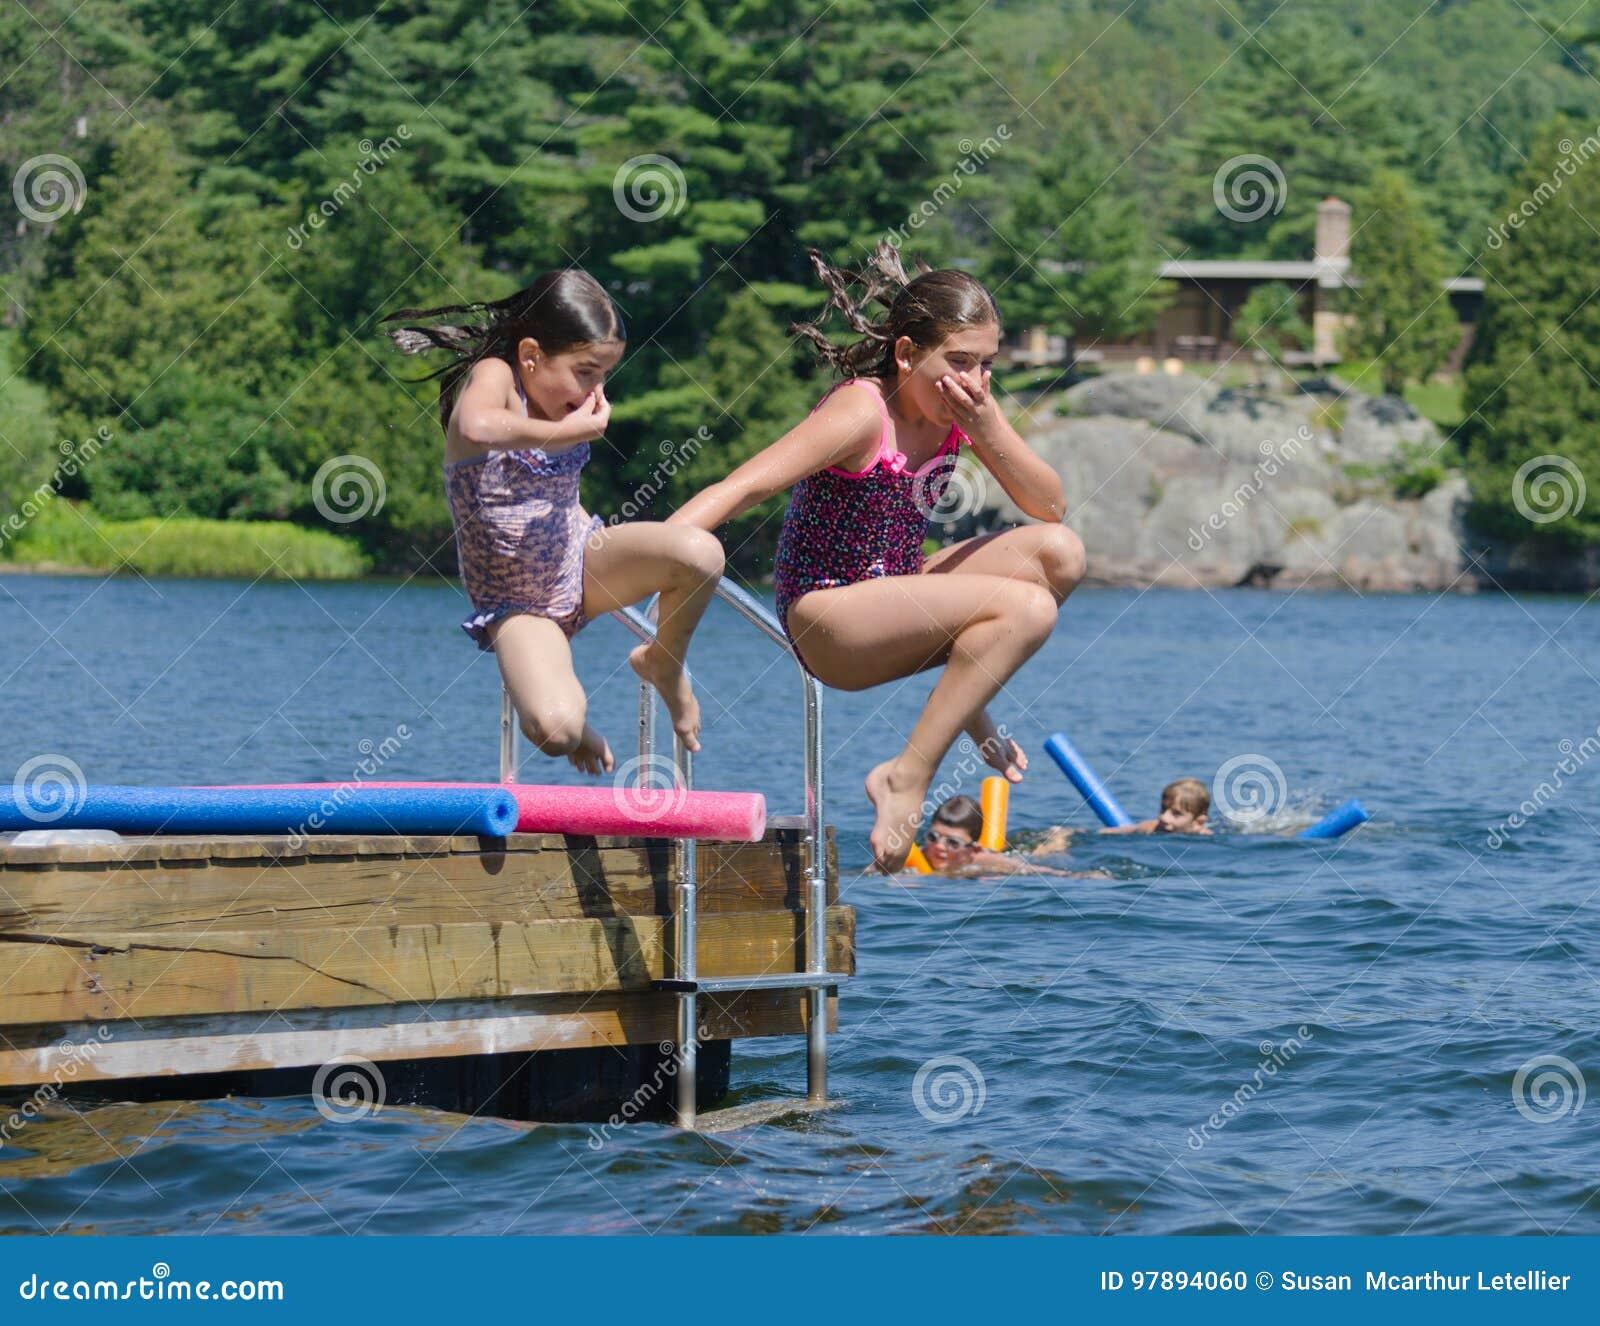 获得的孩子跳进船坞的夏天乐趣湖